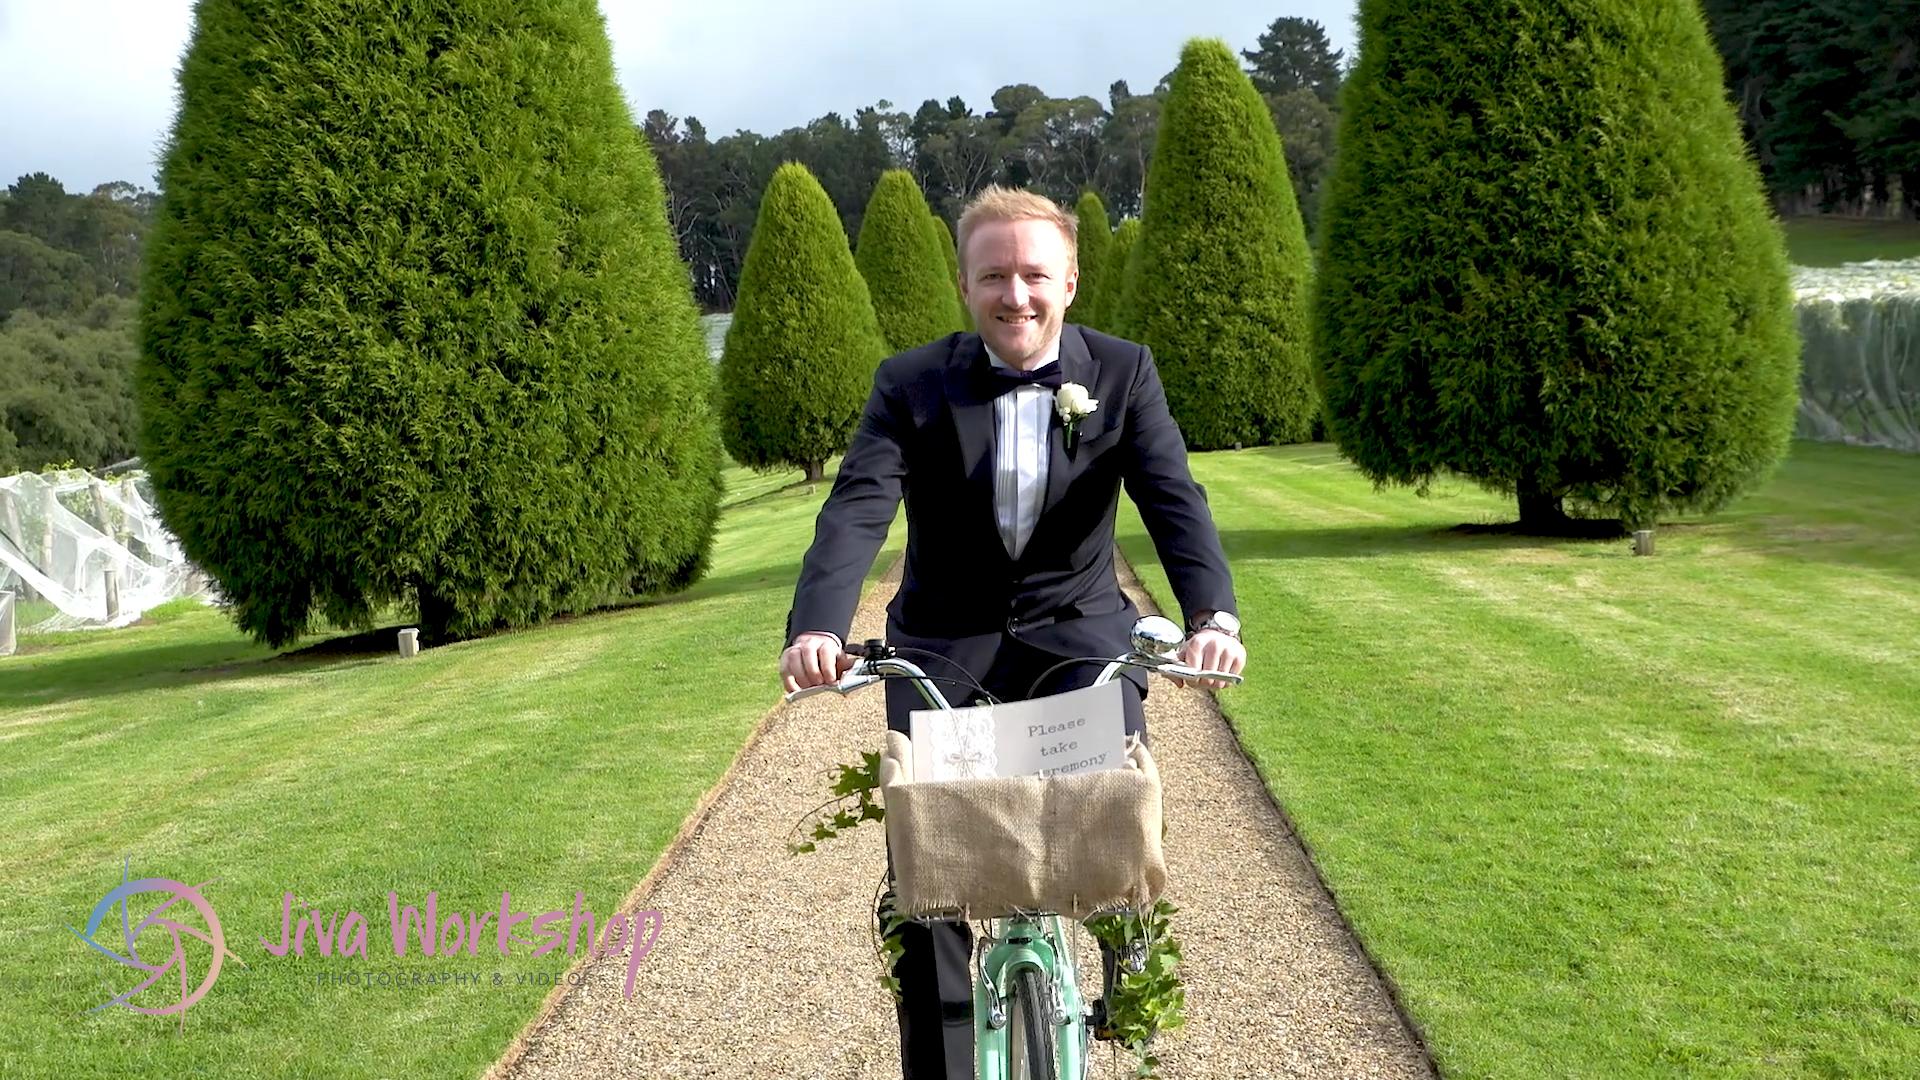 Groom on bike Lindenderry